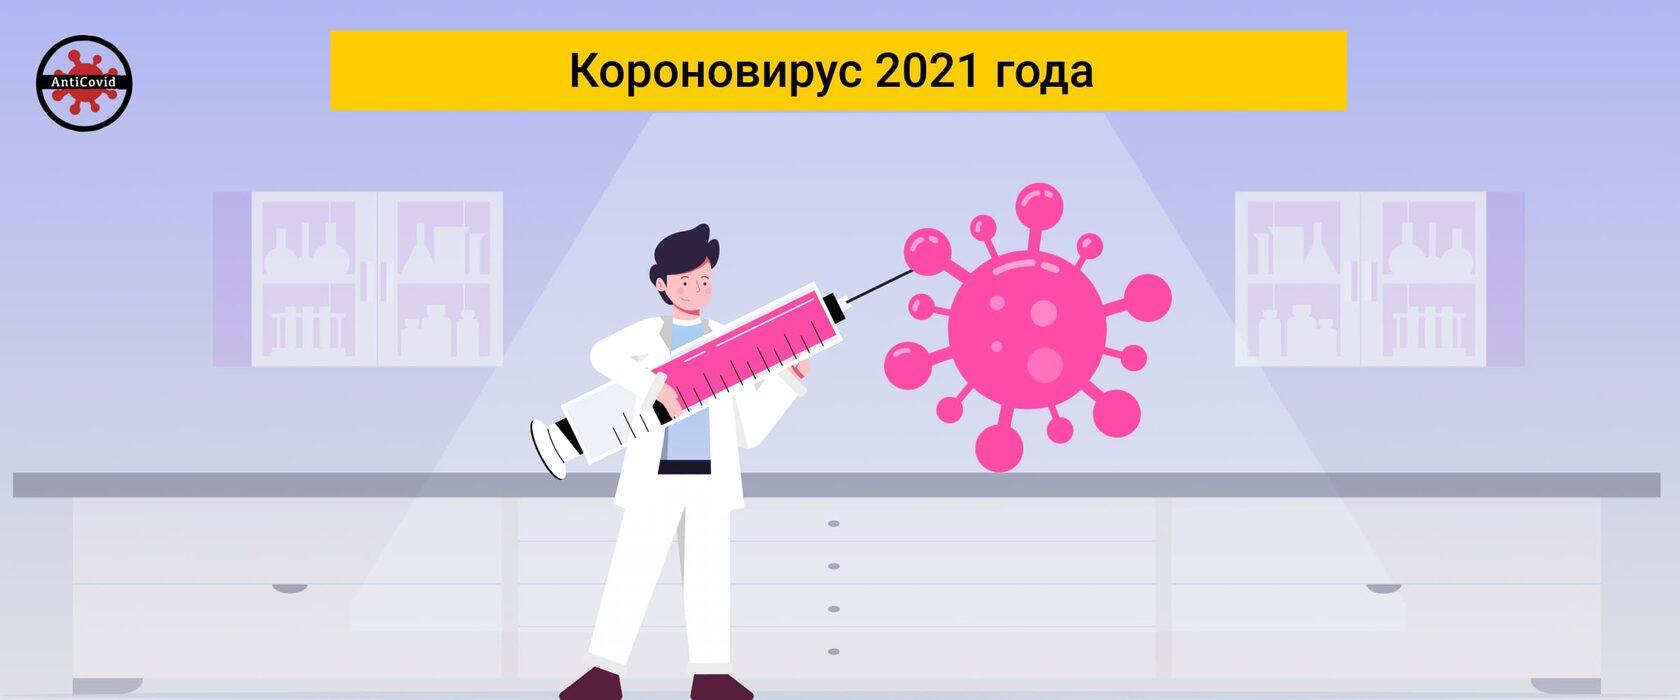 Коронавирус 2021 года msk.anti-covid2020.ru